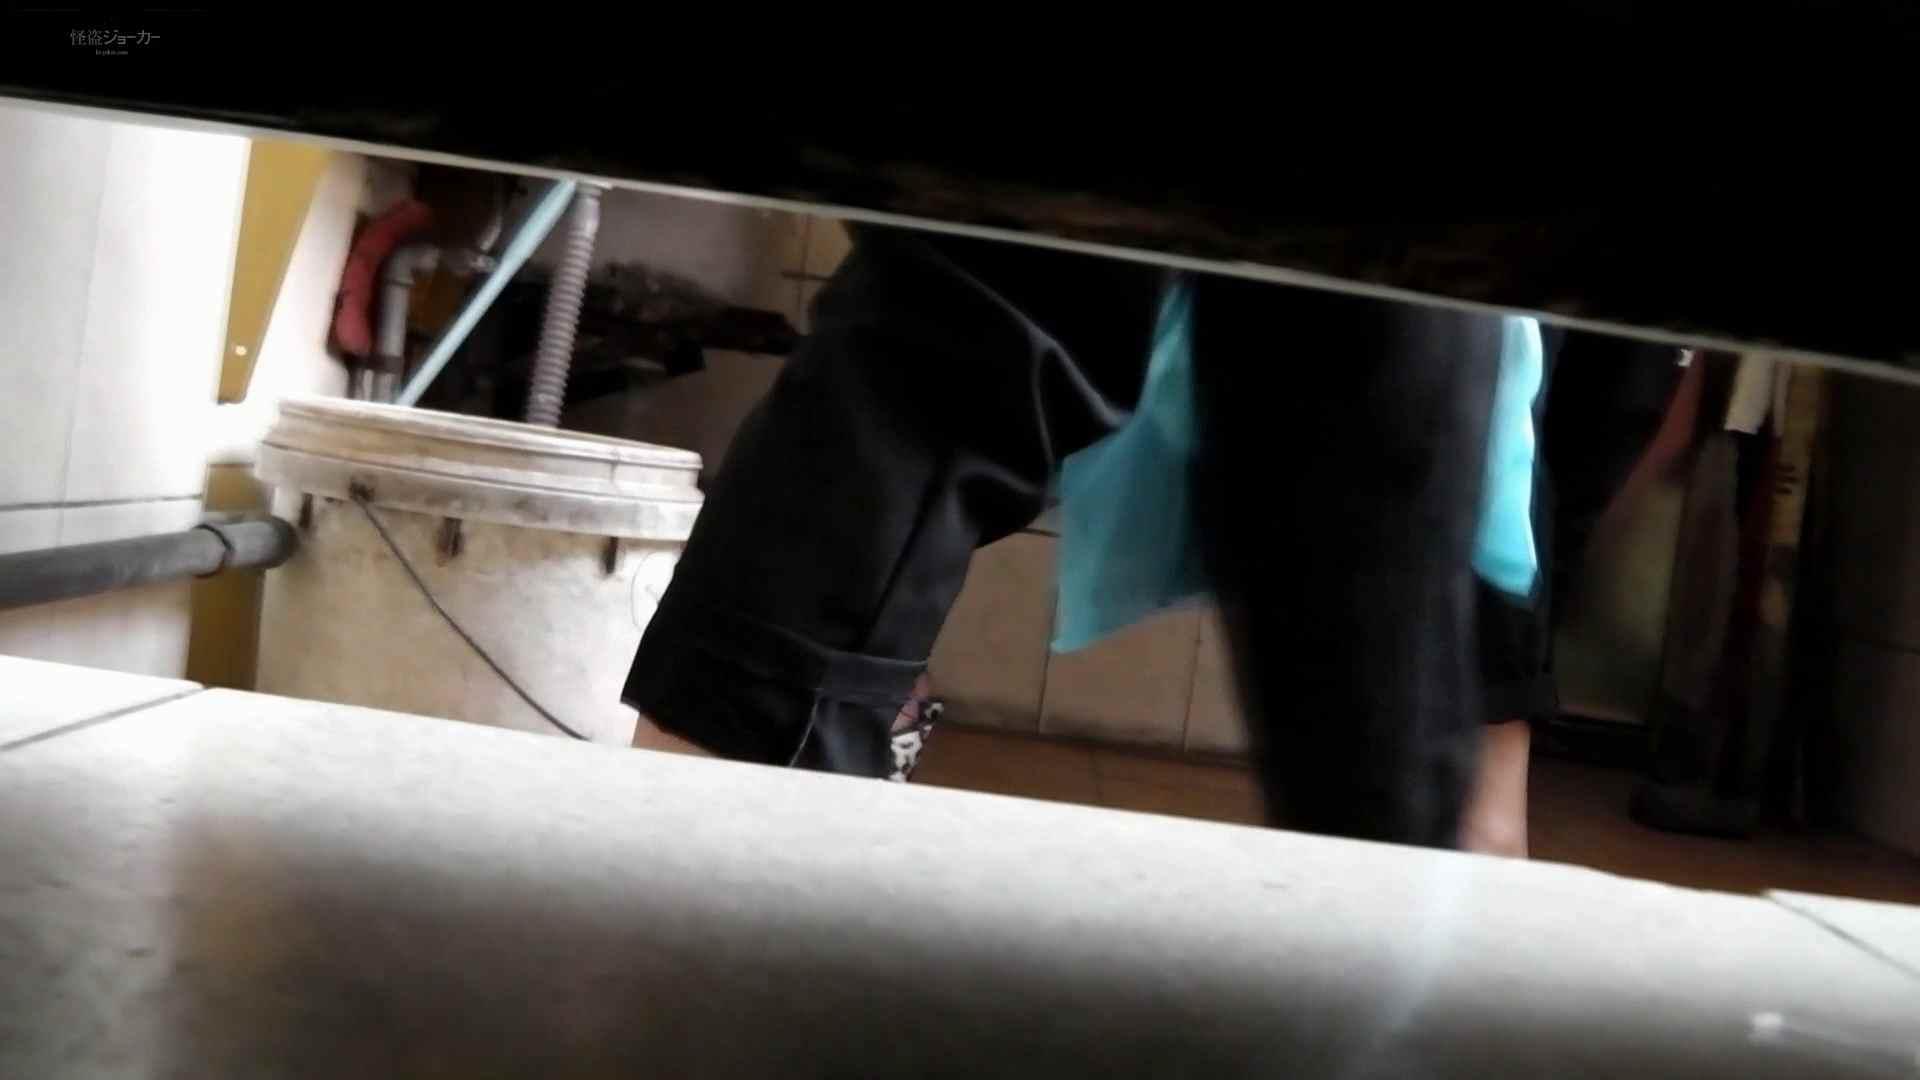 ステーション編 vol.26 壁を乗り越えたら絶景が待っていた!! 洗面所 オマンコ動画キャプチャ 100画像 88